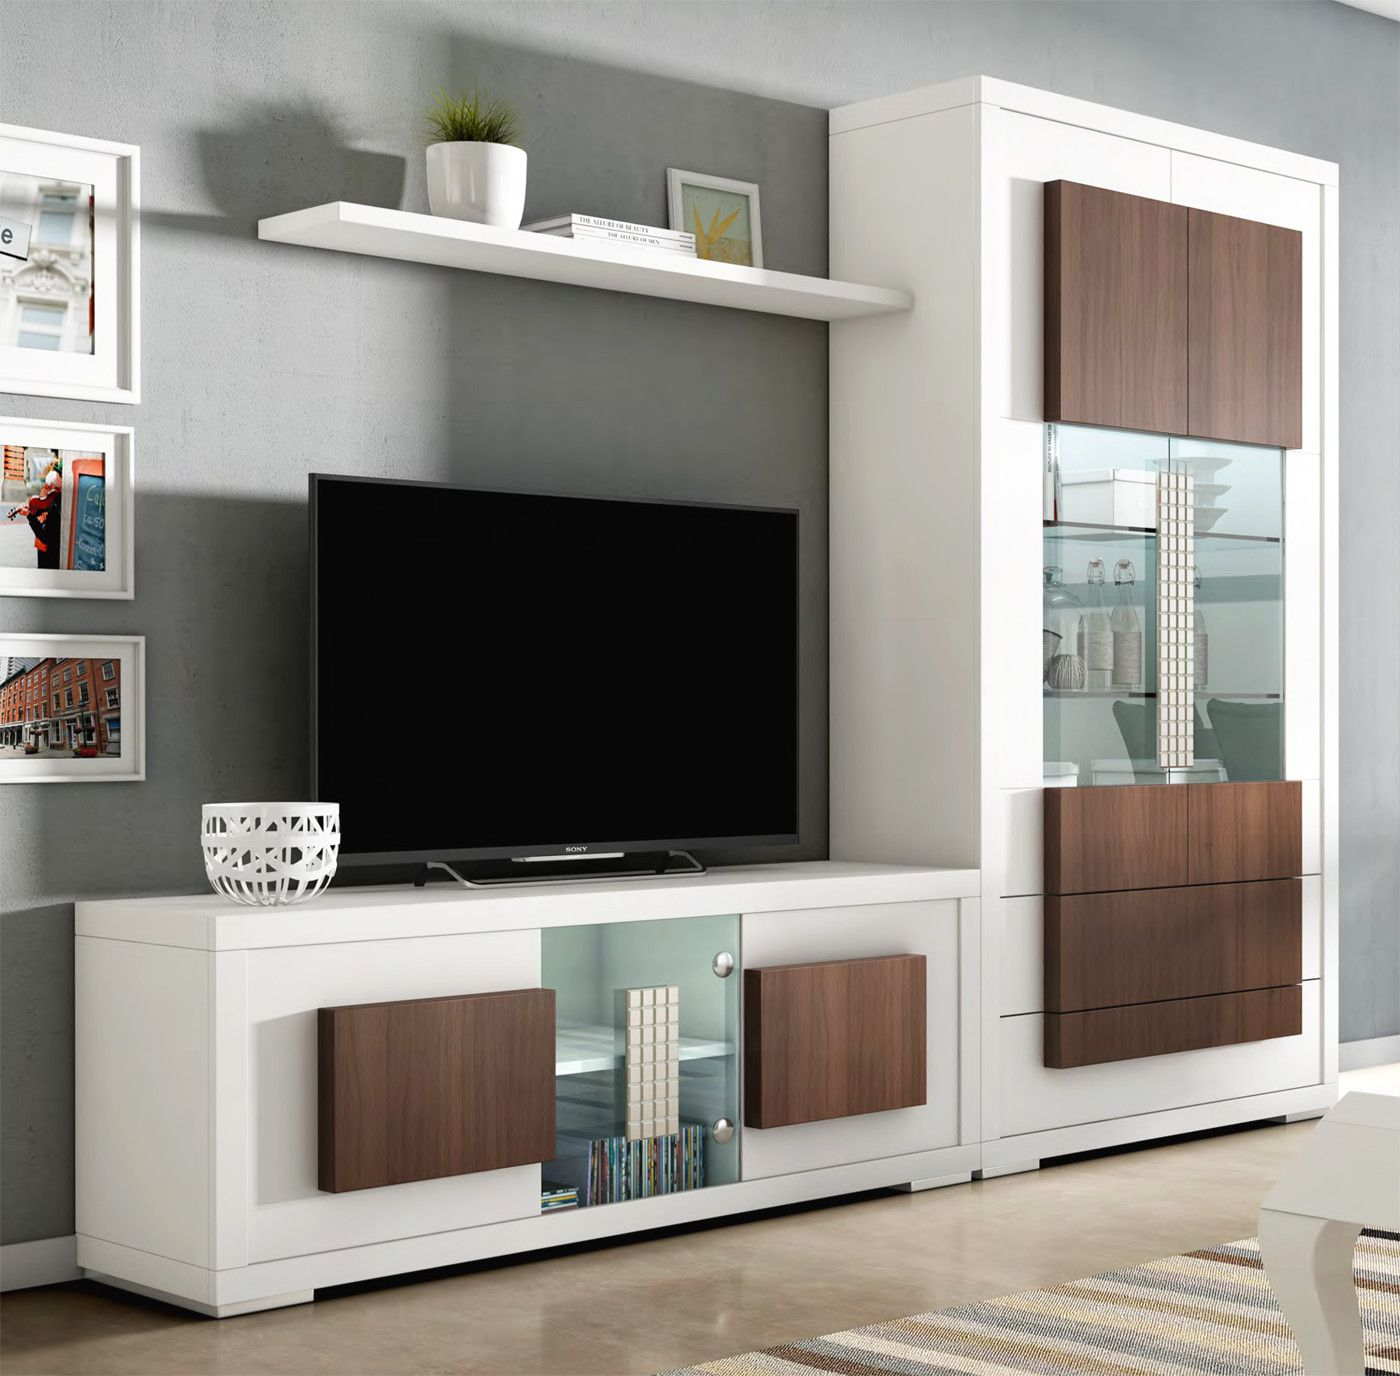 Muebles De Sal N Con Mesa De Televisi N Y Vitrina Con Iluminaci N  # Muebles De Salon